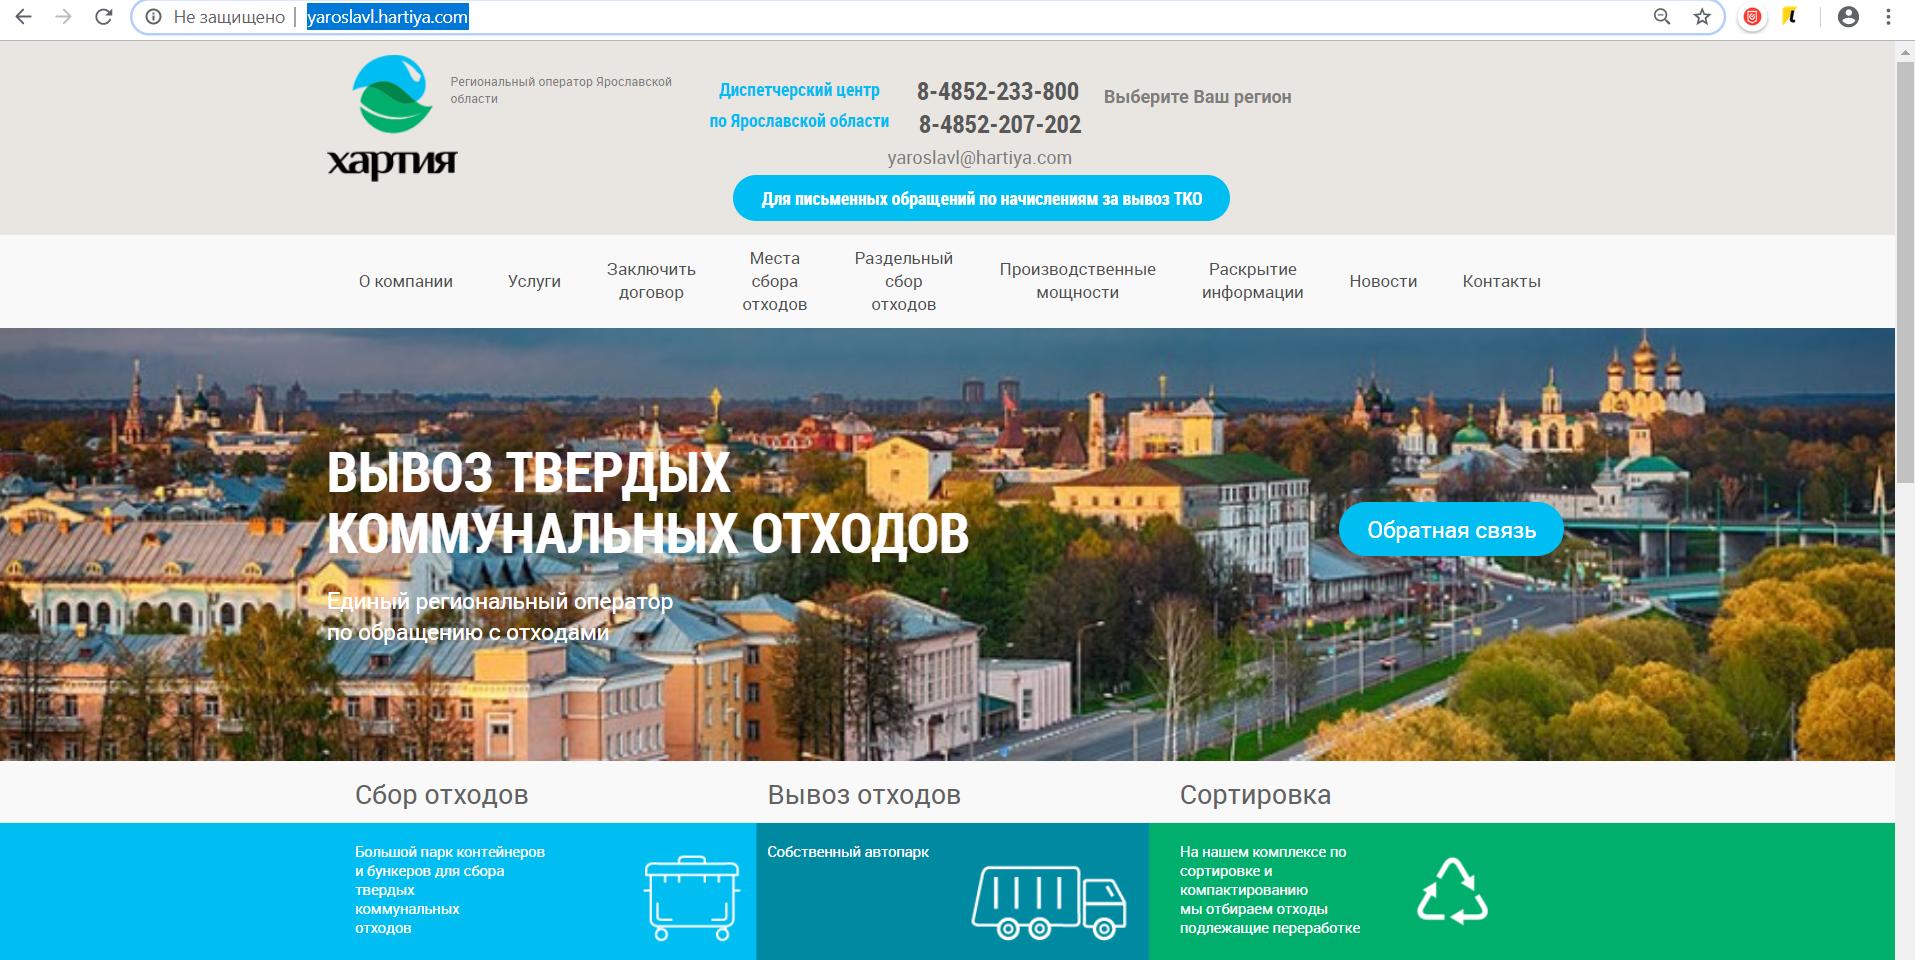 Региональный оператор ТКО Ярославская область